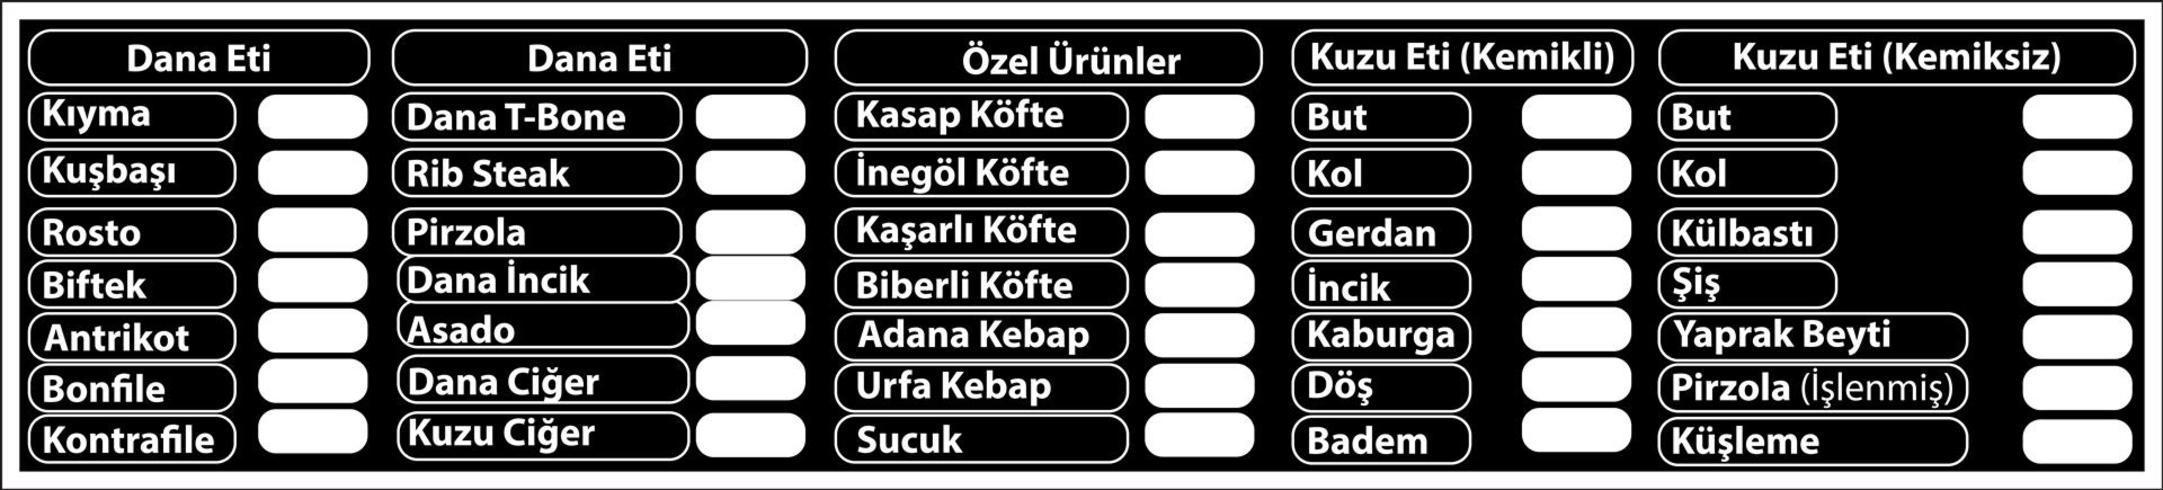 Modelos de sinalização vintage turca, karachih kasap sd r eti, barbekü, mas, pirzola, bonfile - tradução: açougue de açougueiro bovino vintage, cortes de carne de lenha, churrasco, perna, costelas, bife. vetor